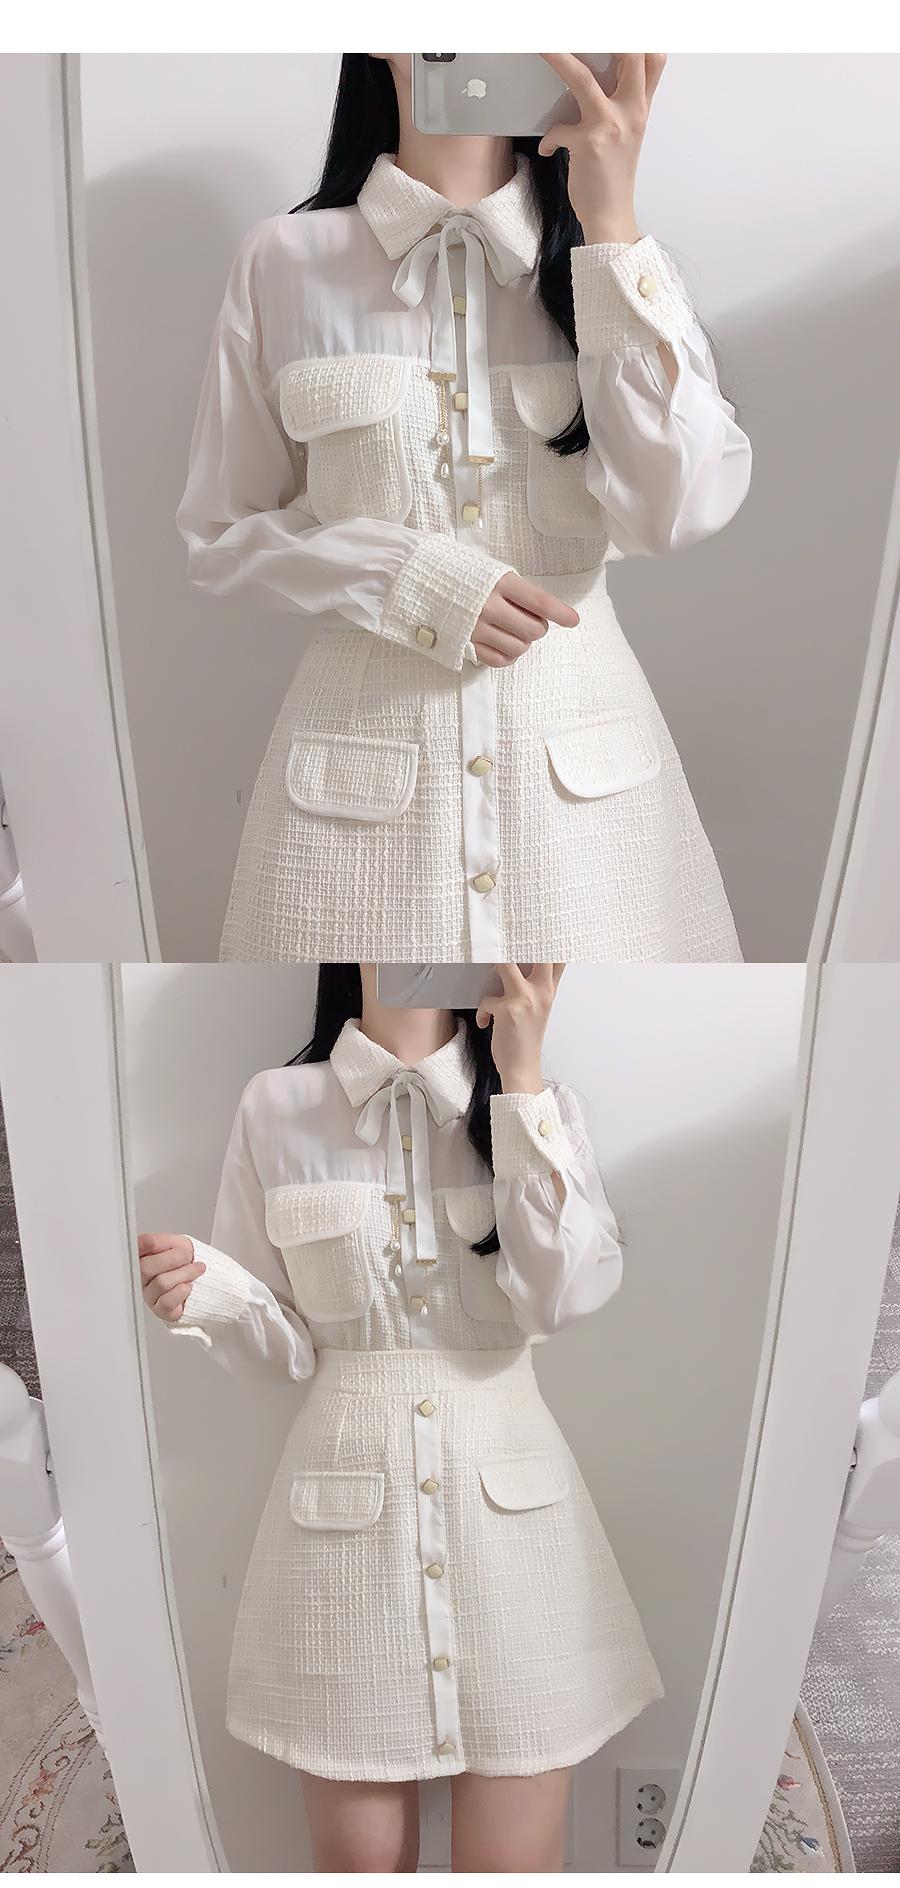 Bling tweedblouse + banding skirt set